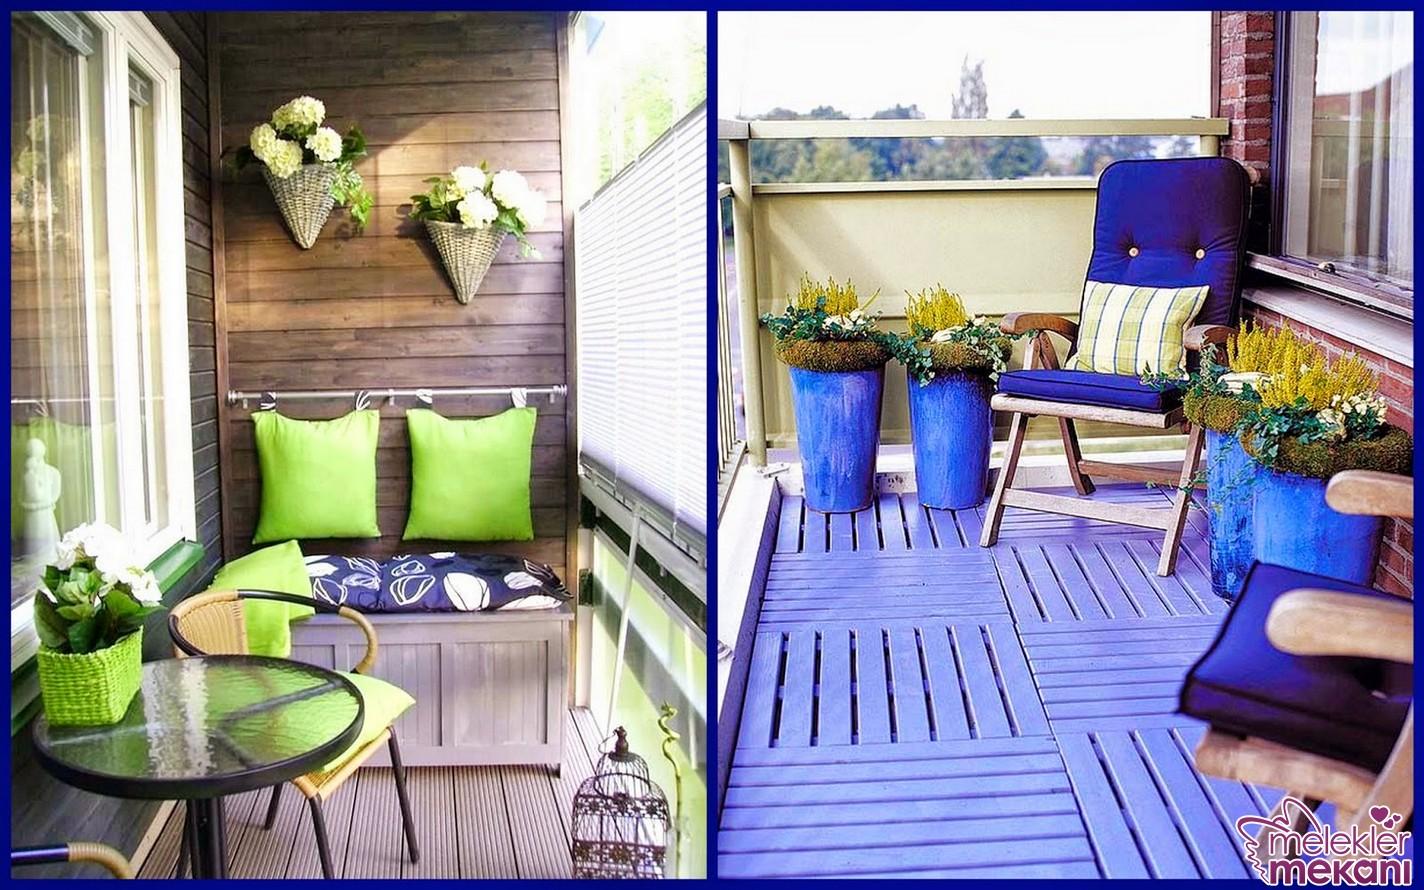 Yeni sezonda en renkli seçimleriniz ile balkon dekorasyonlarınızı canlı tutabilirsiniz.